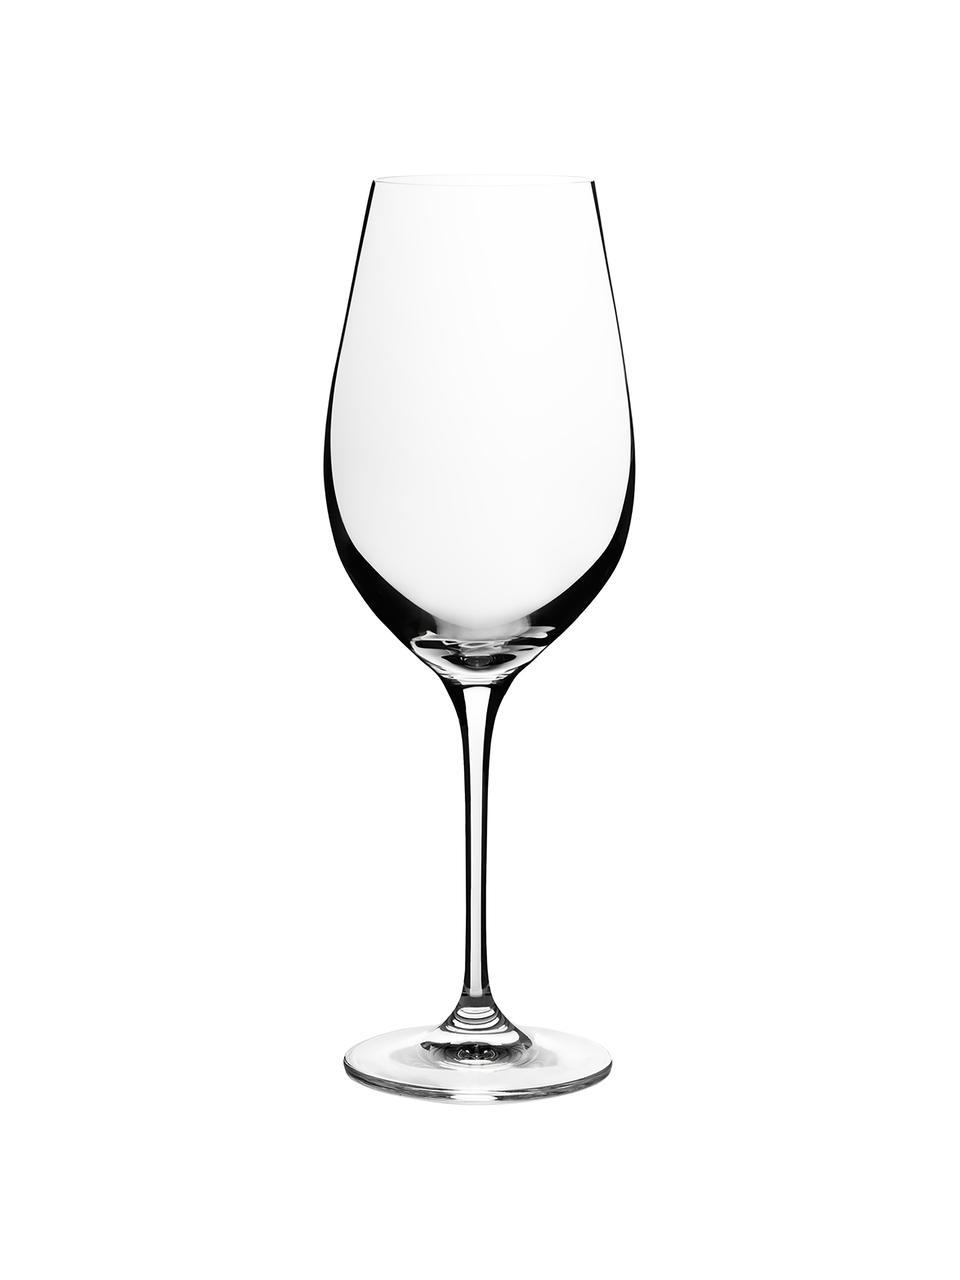 Bicchiere da vino rosso in cristallo Harmony 6 pz, La lucentezza più preziosa - il vetro di cristallo spezza la luce in entrata particolarmente forte. Il risultato è una scintilla magica che rende ogni degustazione di vini un'esperienza davvero speciale., Trasparente, Ø 8 x Alt. 24 cm